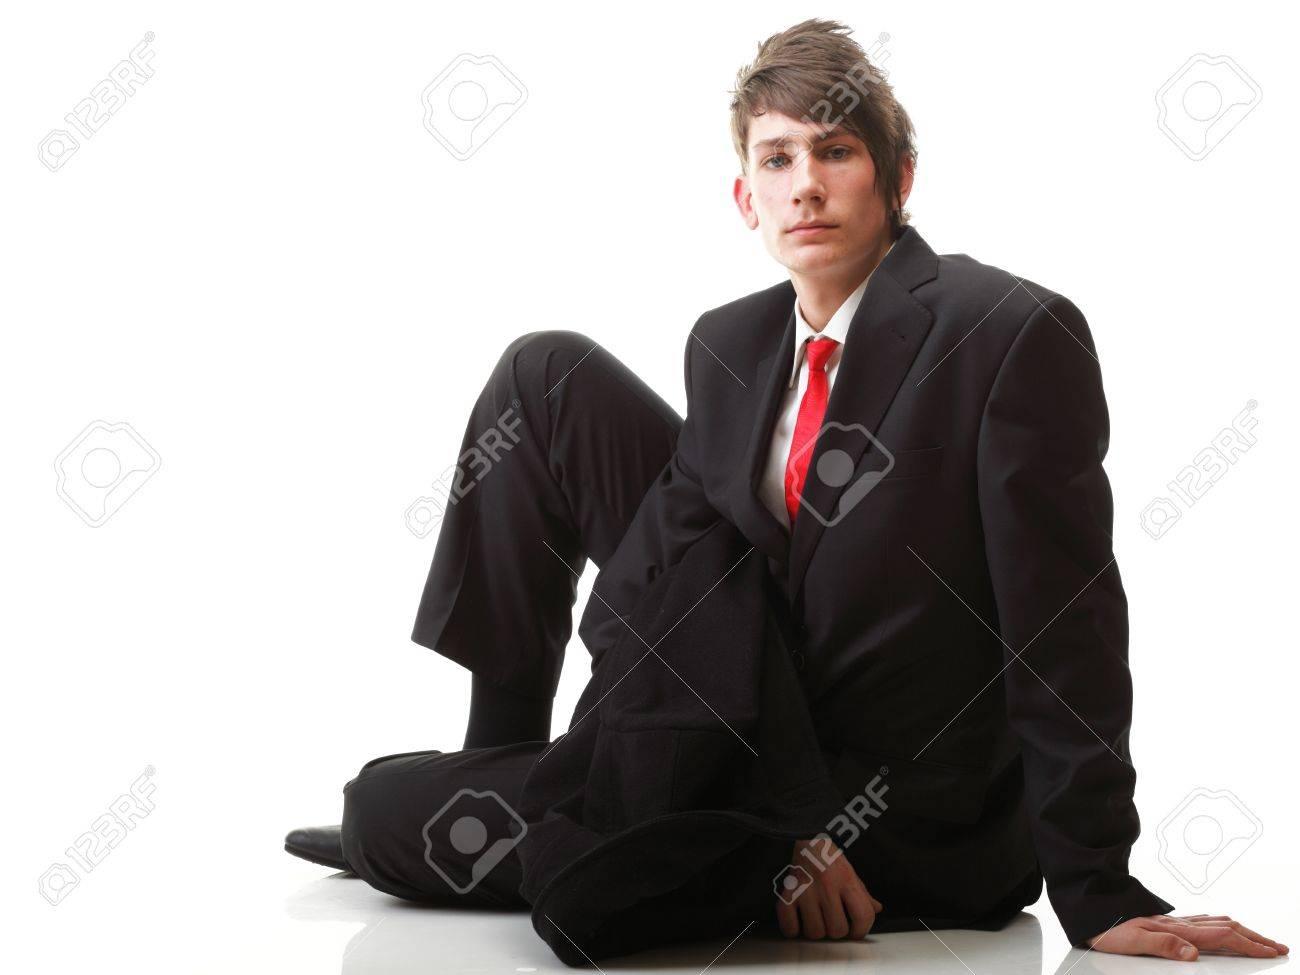 Schwarzer anzug welche krawatte